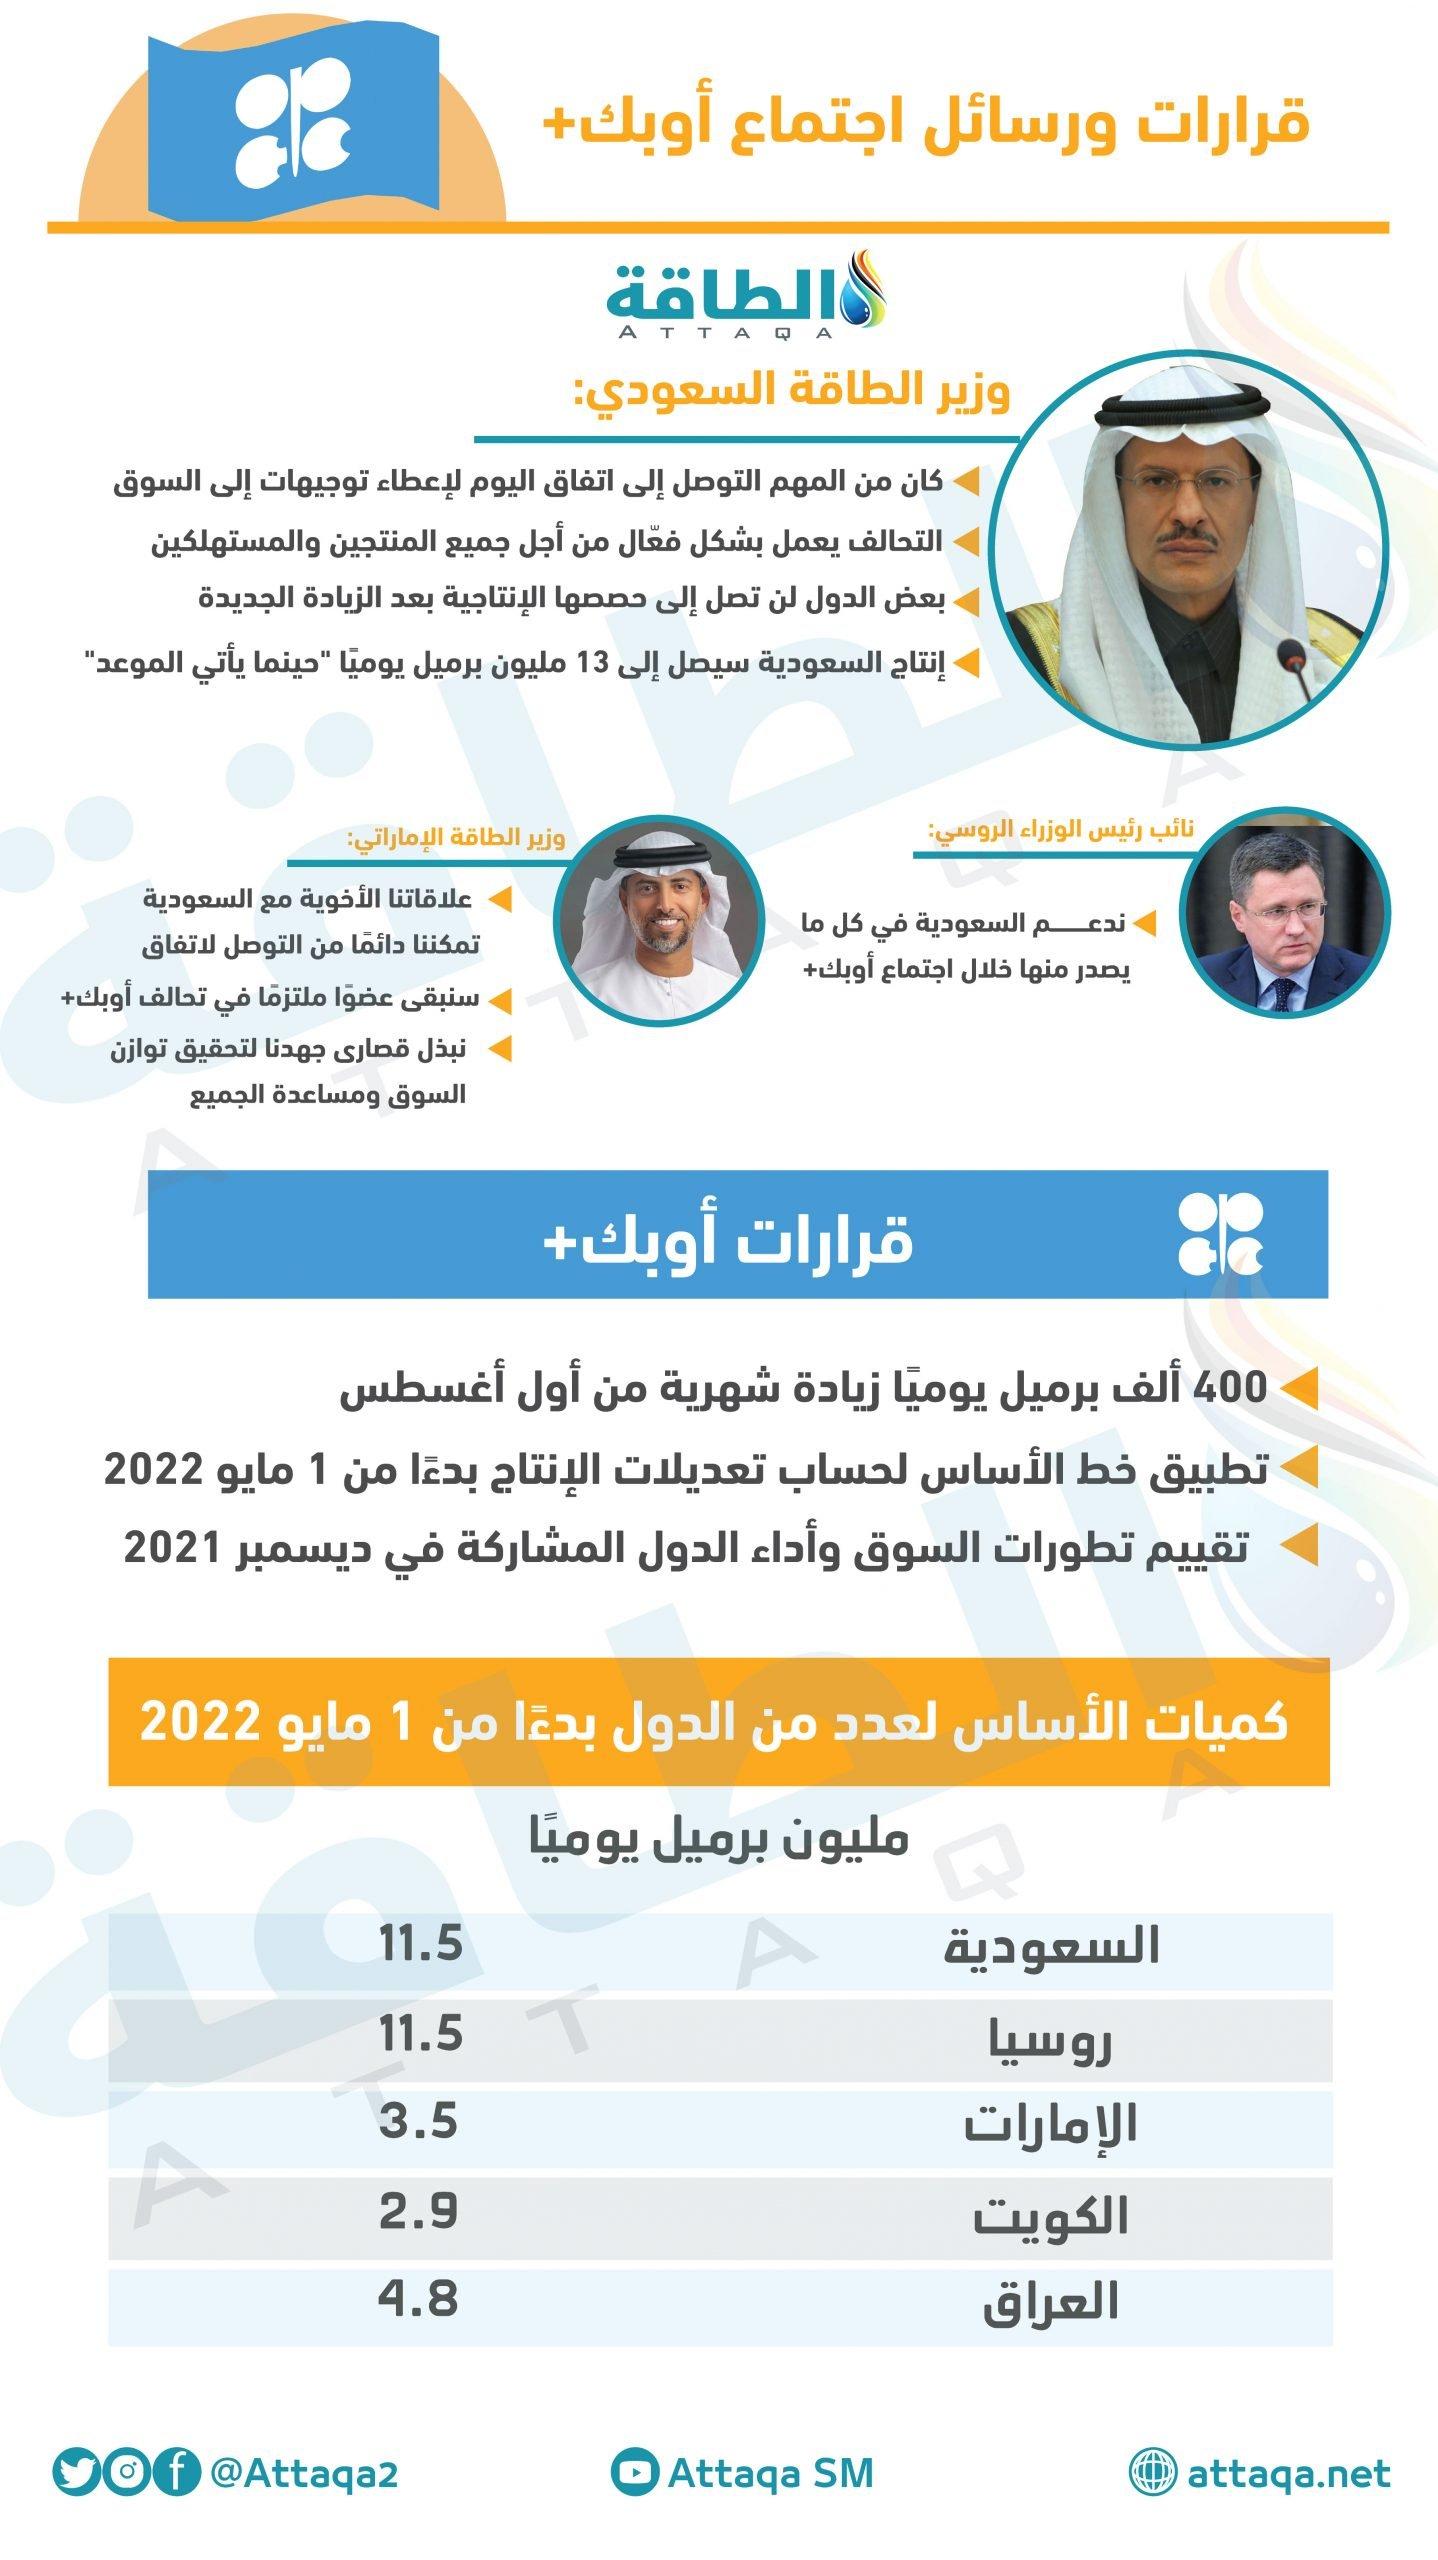 أوبك- أوبك+ - المملكة العربية السعودية